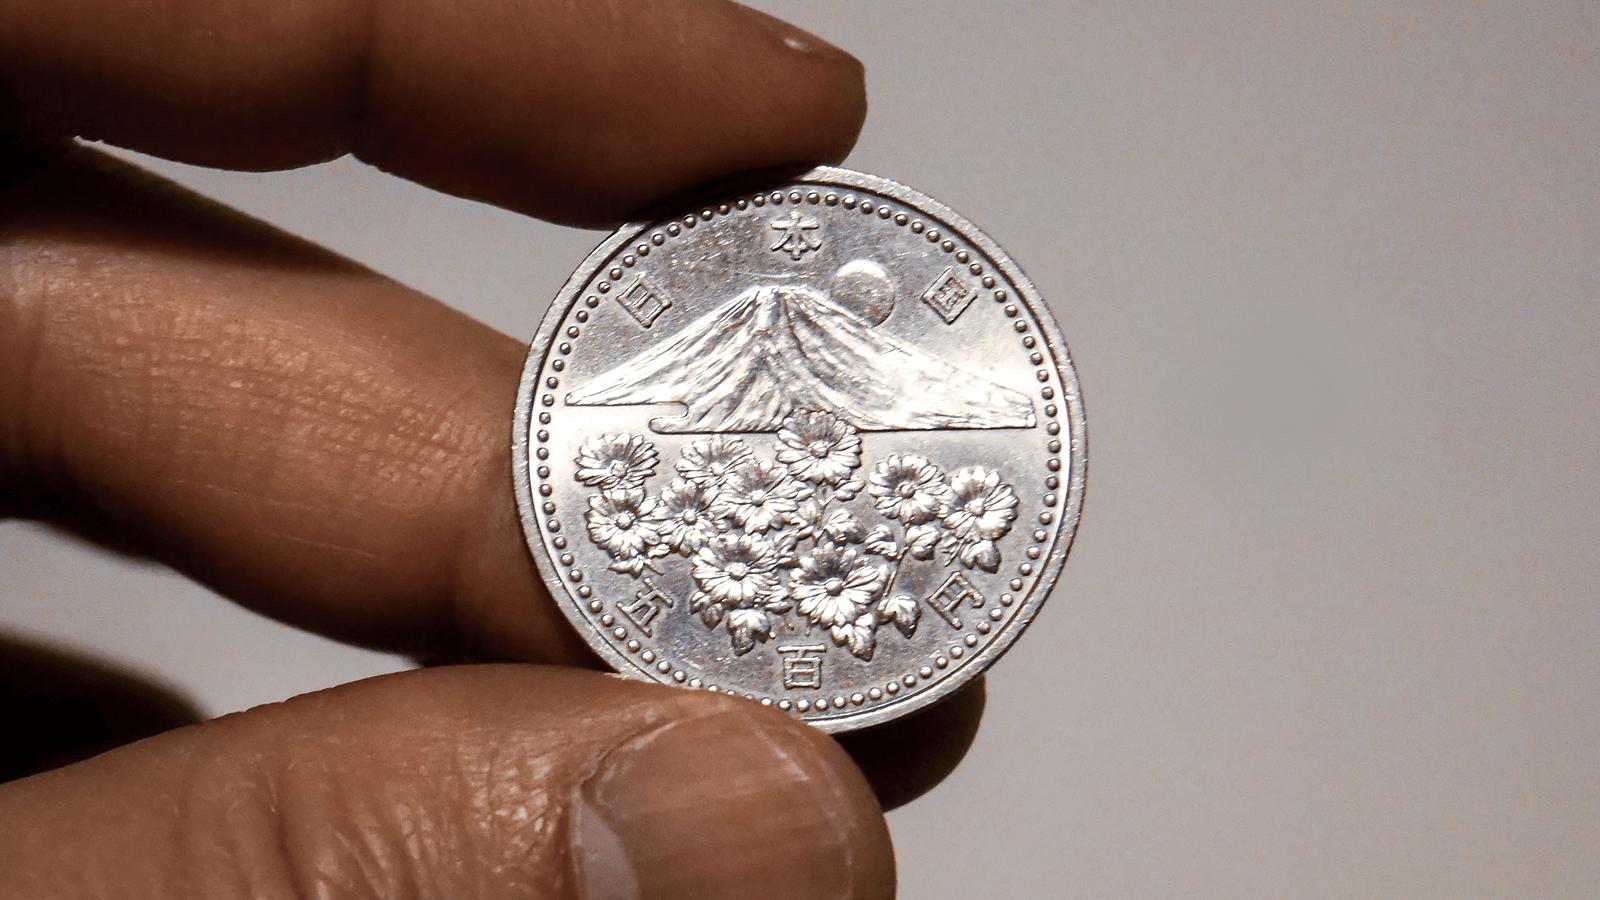 天皇陛下御在位10年記念記念コインの表